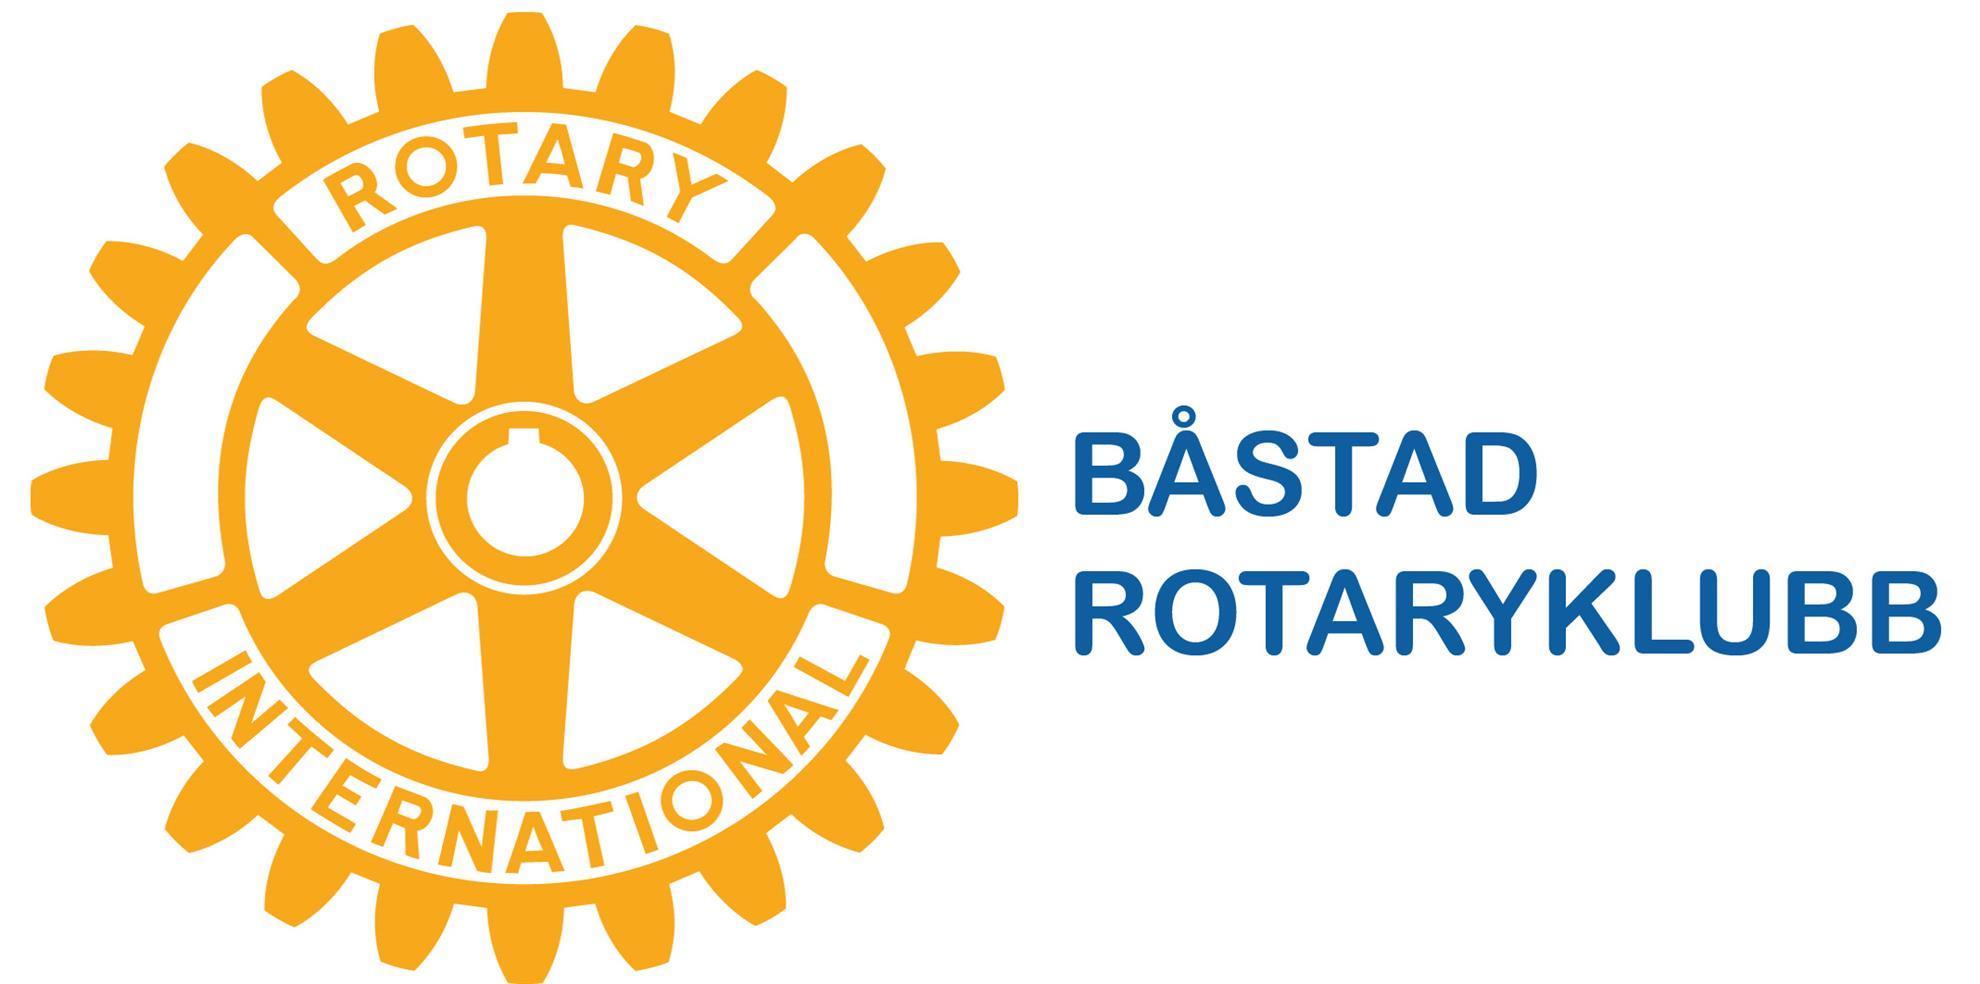 Båstad logo